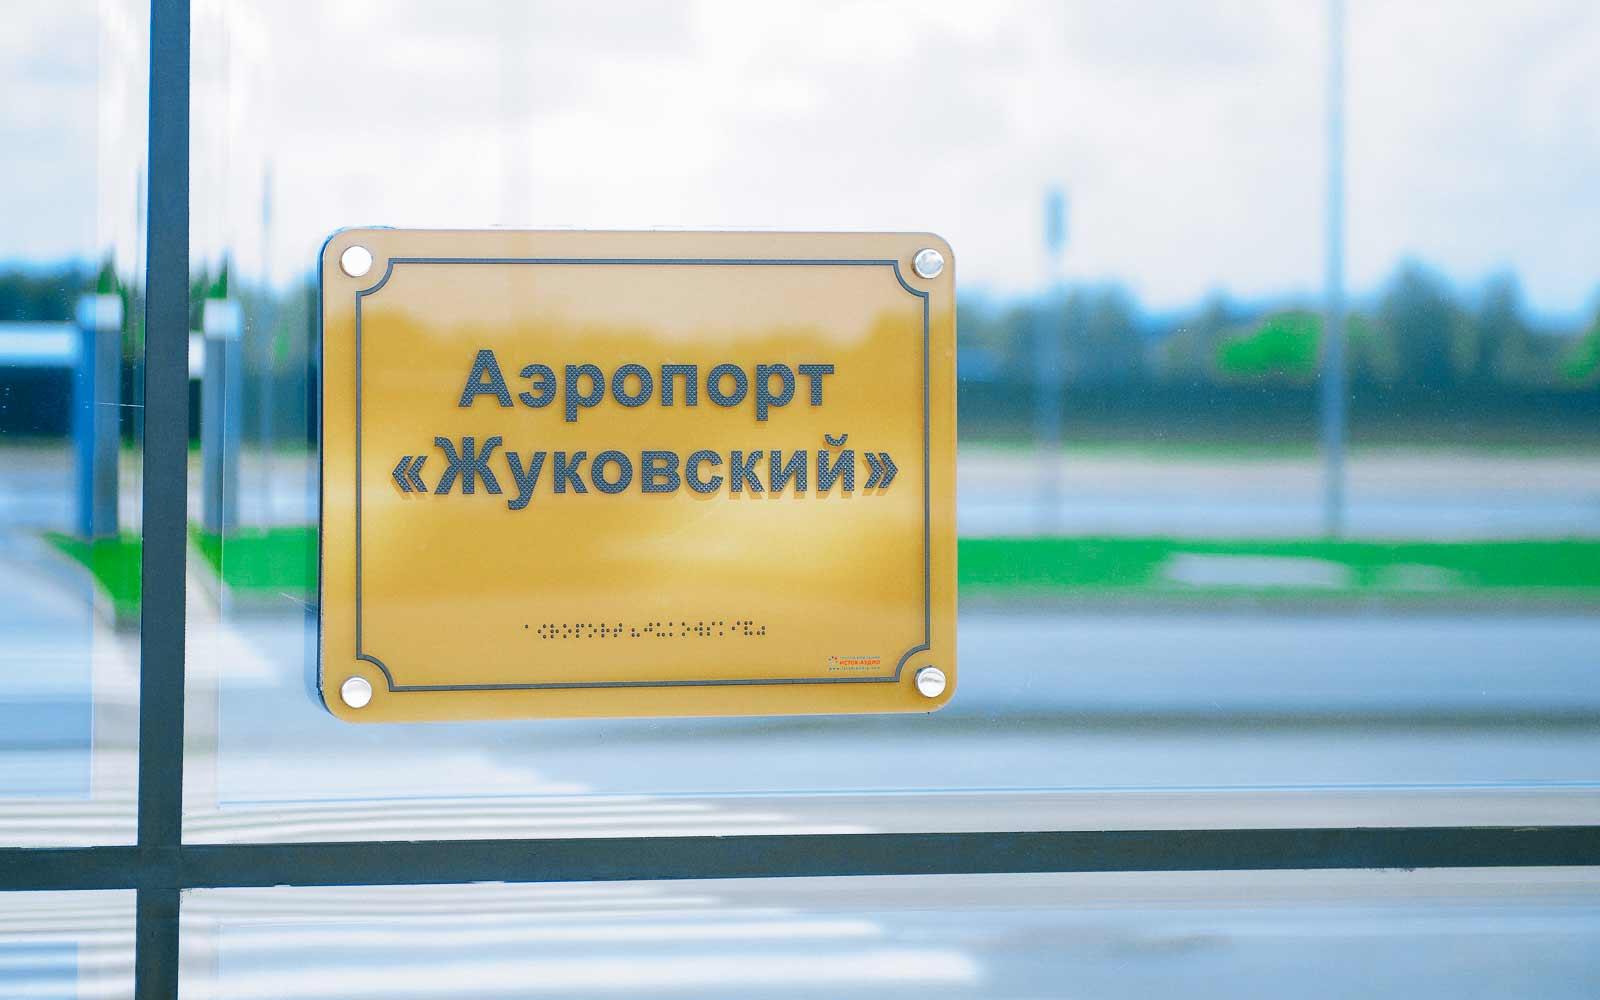 аэропорт-жуковский-фото4